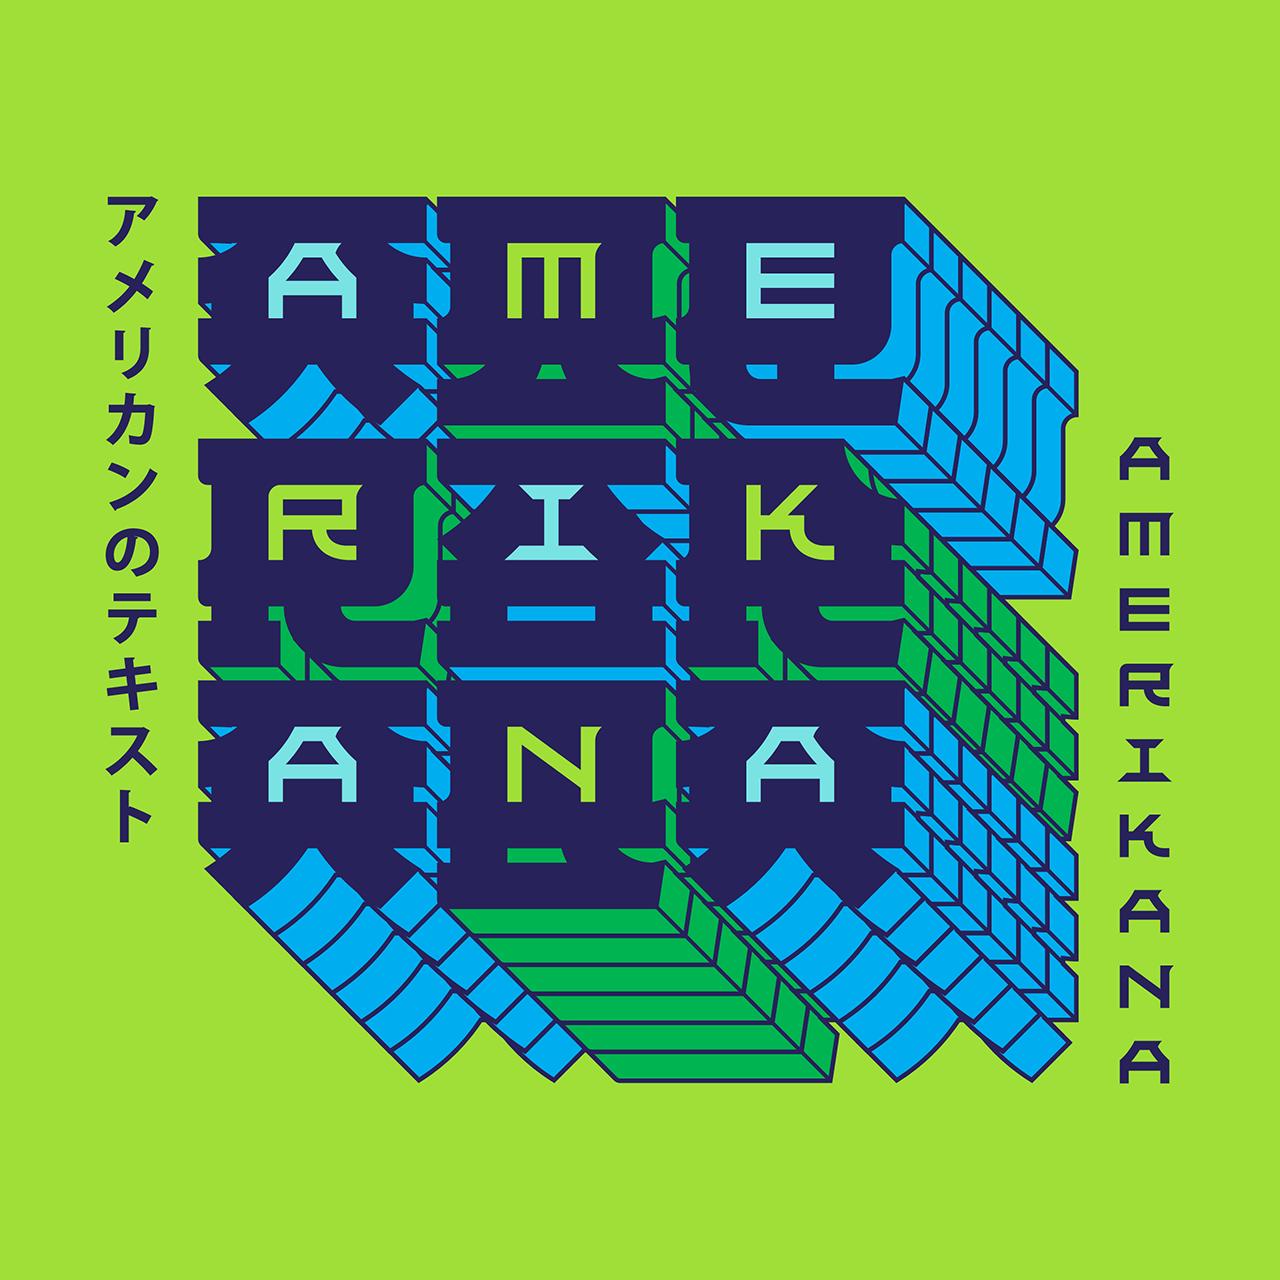 Katakana_Characters_FinalArt_v copy 6.png